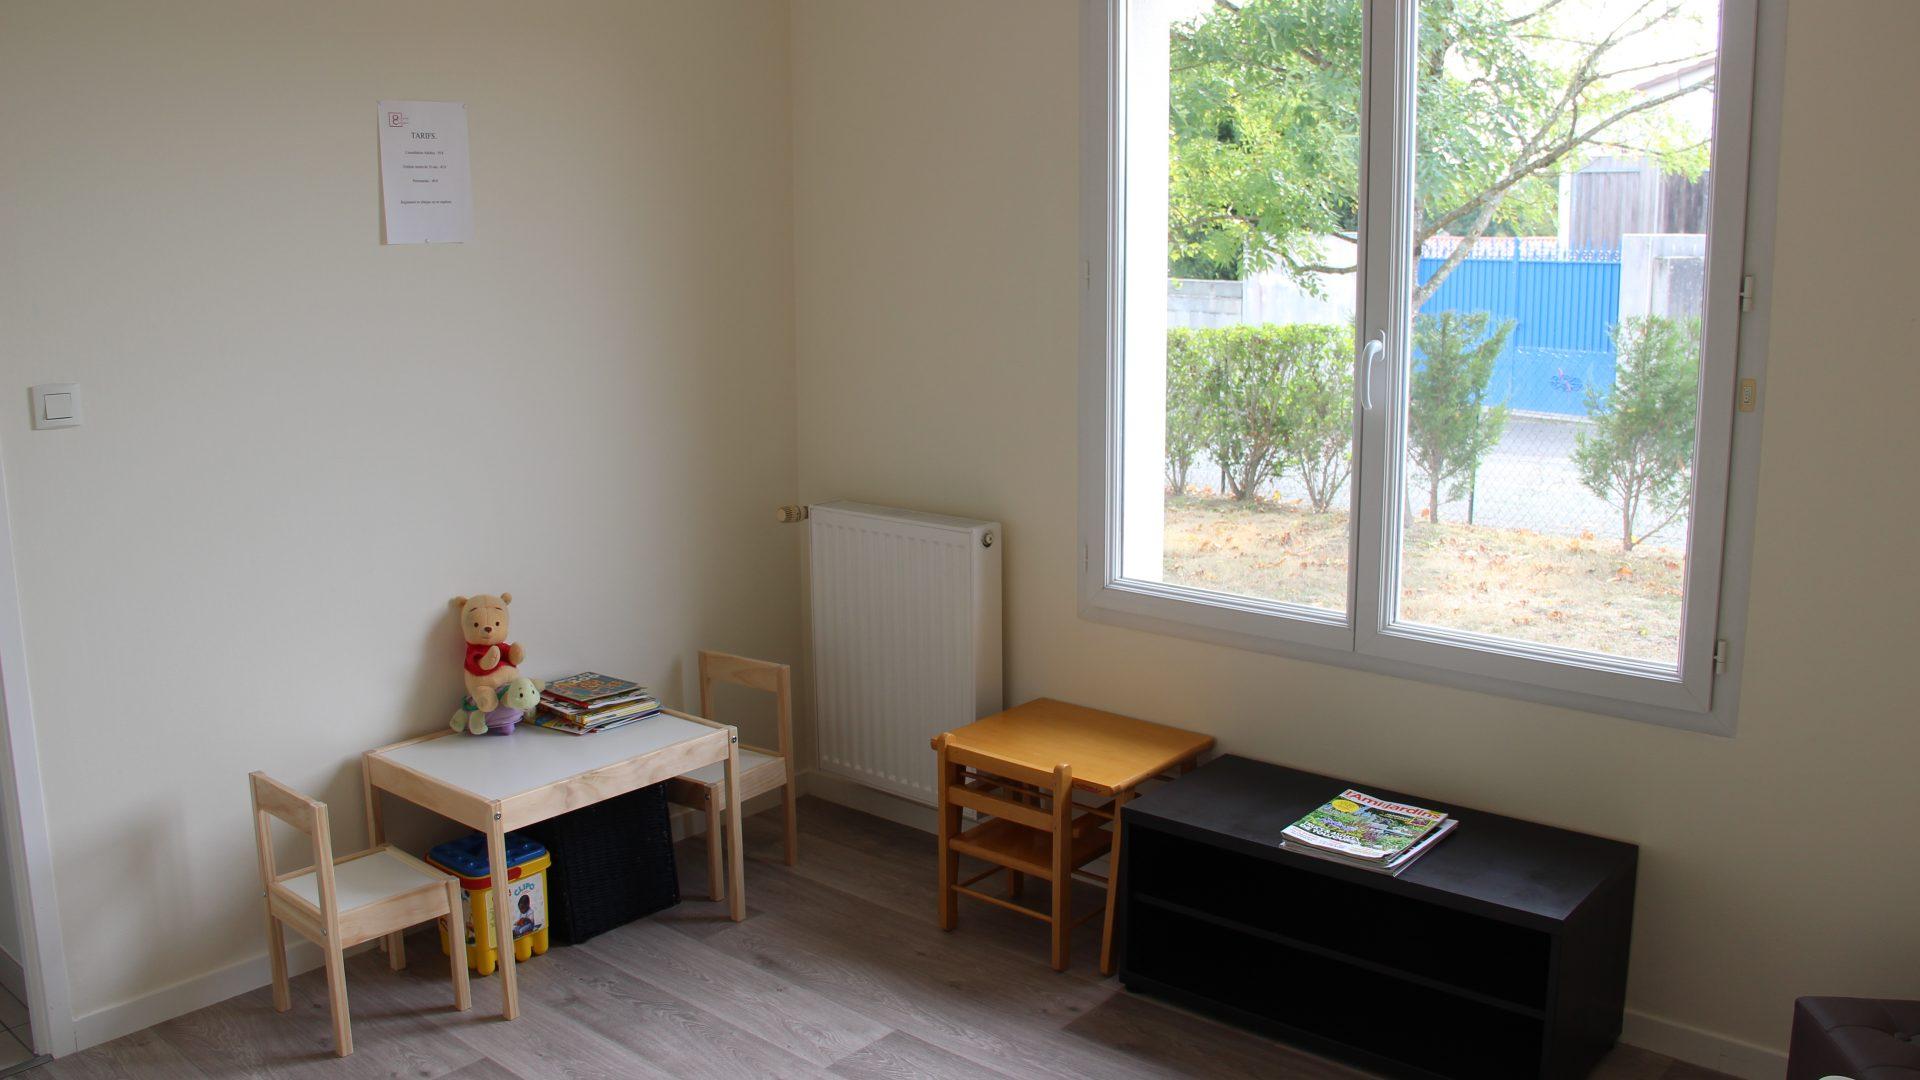 Salle d'attente - Coin enfants